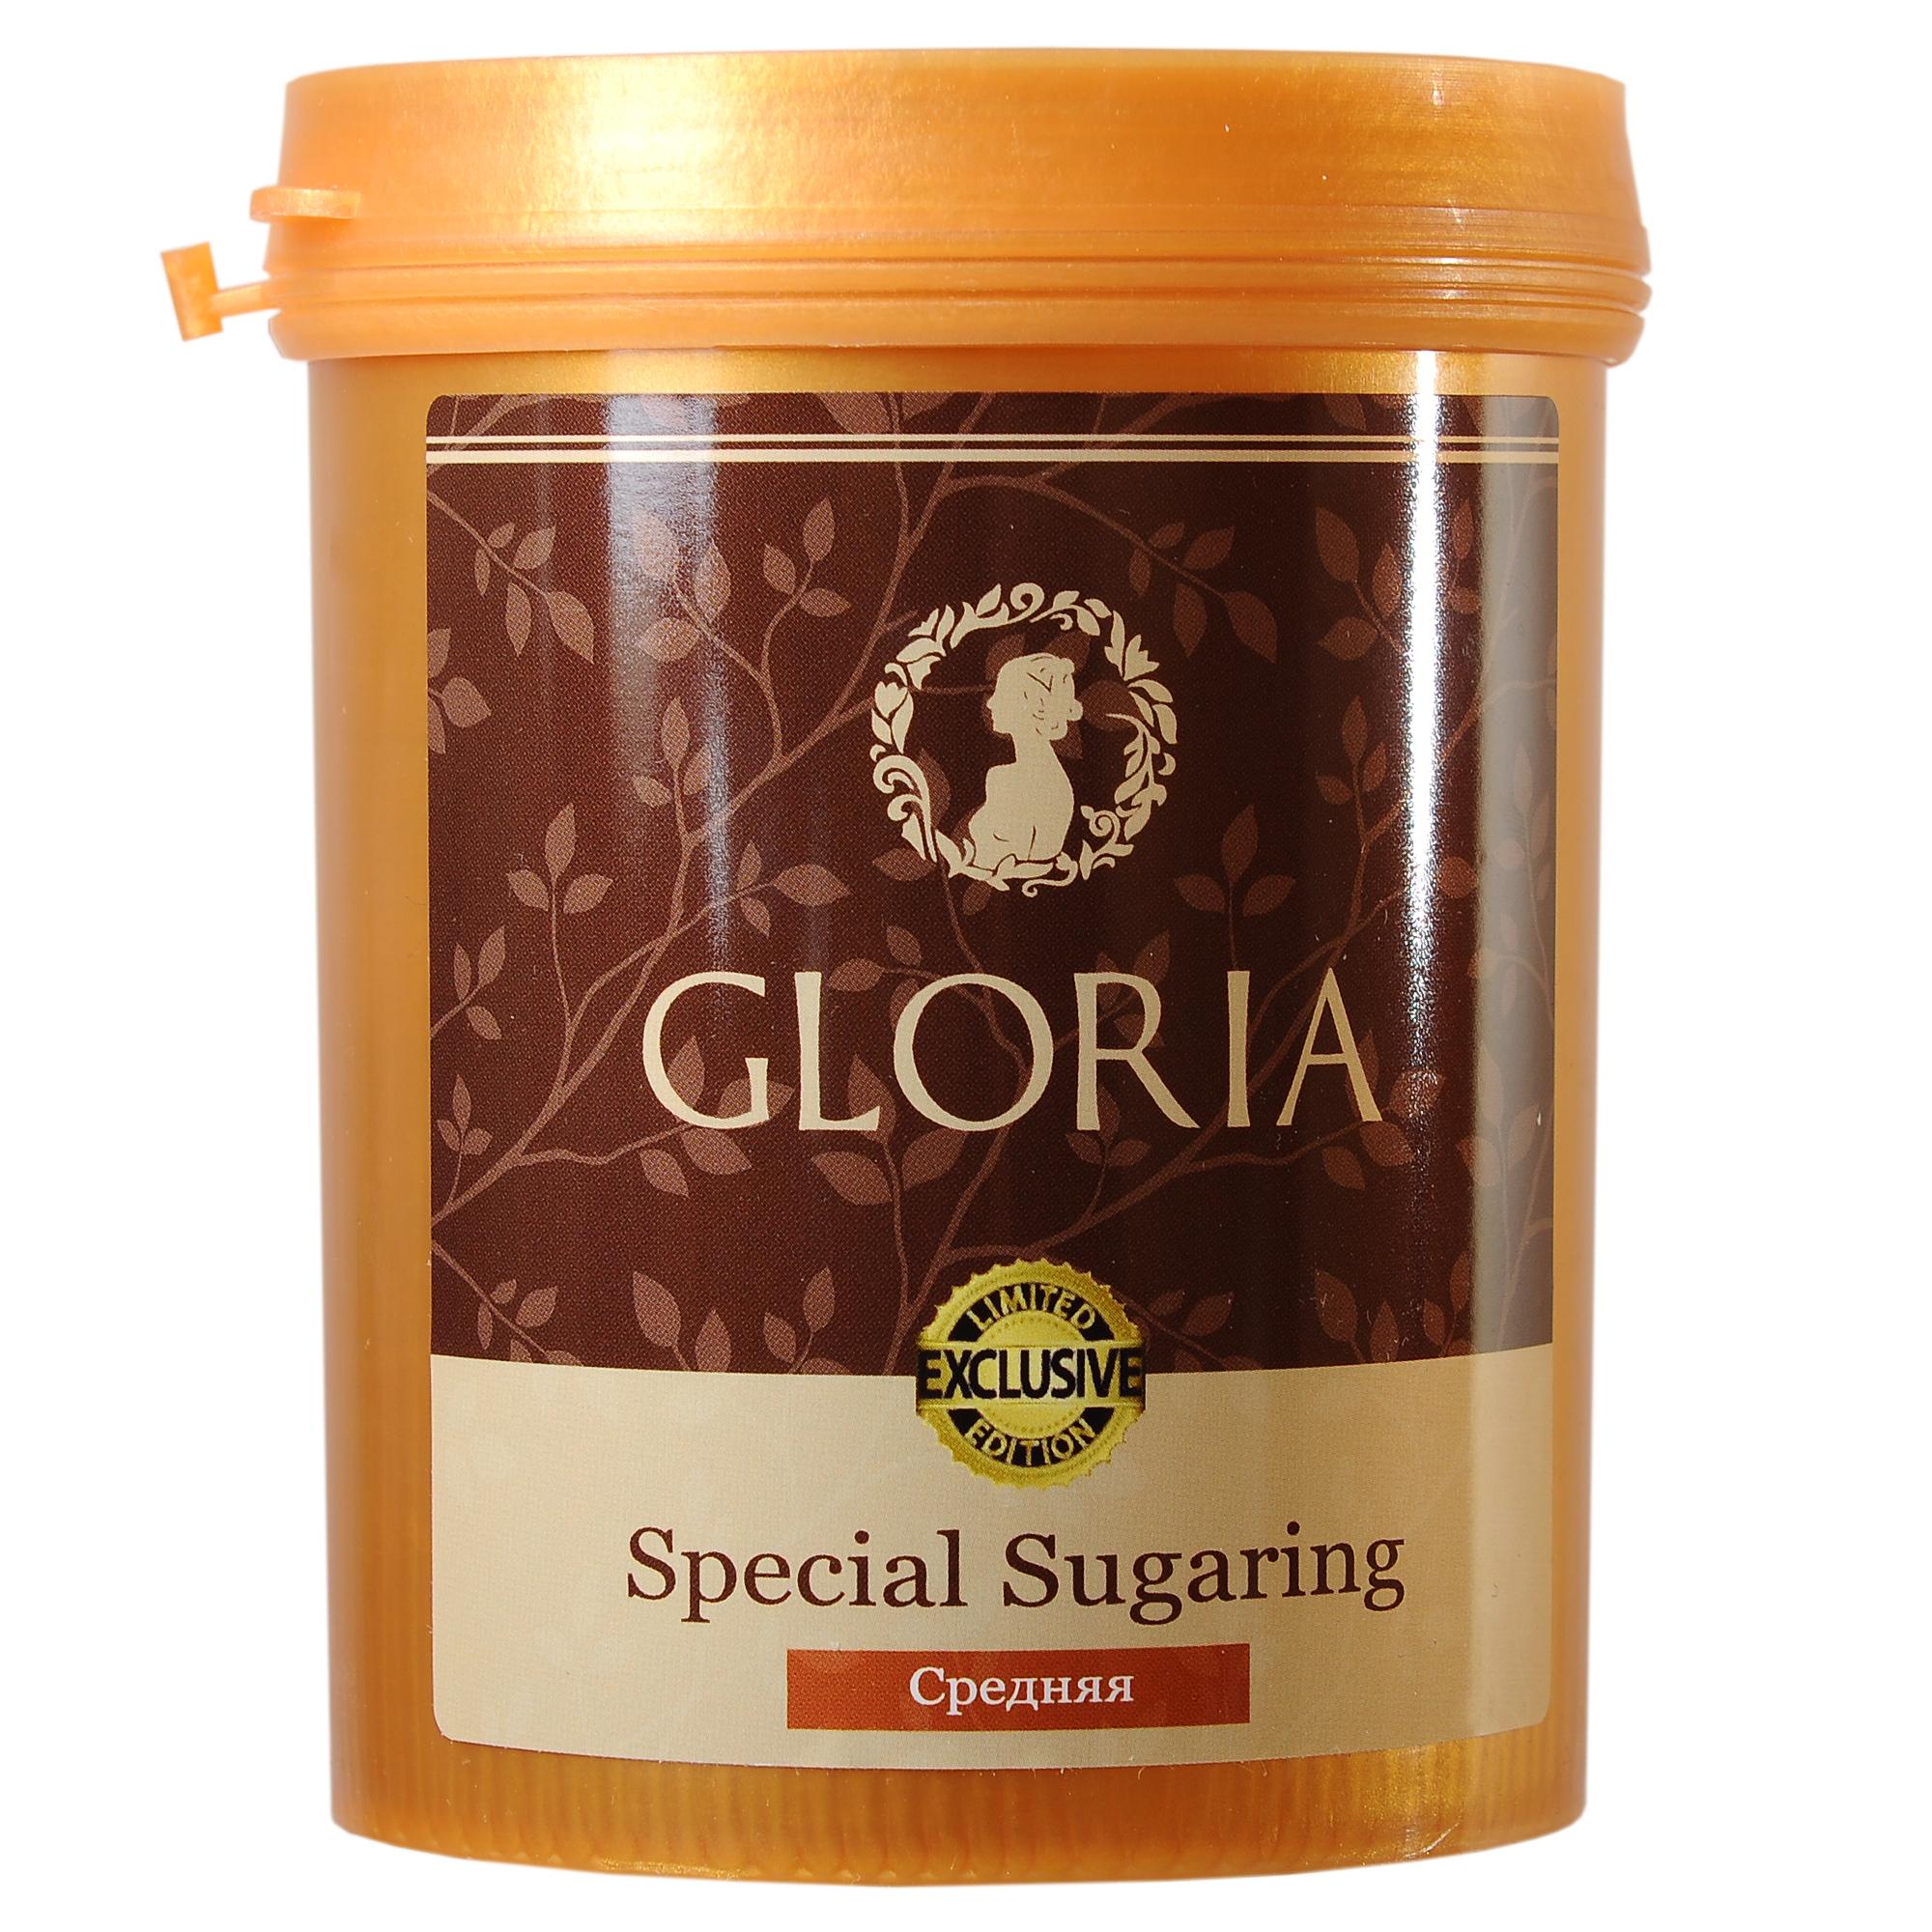 GLORIA Паста для шугаринга Gloria Exclusive средняя 0,8 кг оборудование по производству пасты шугаринга